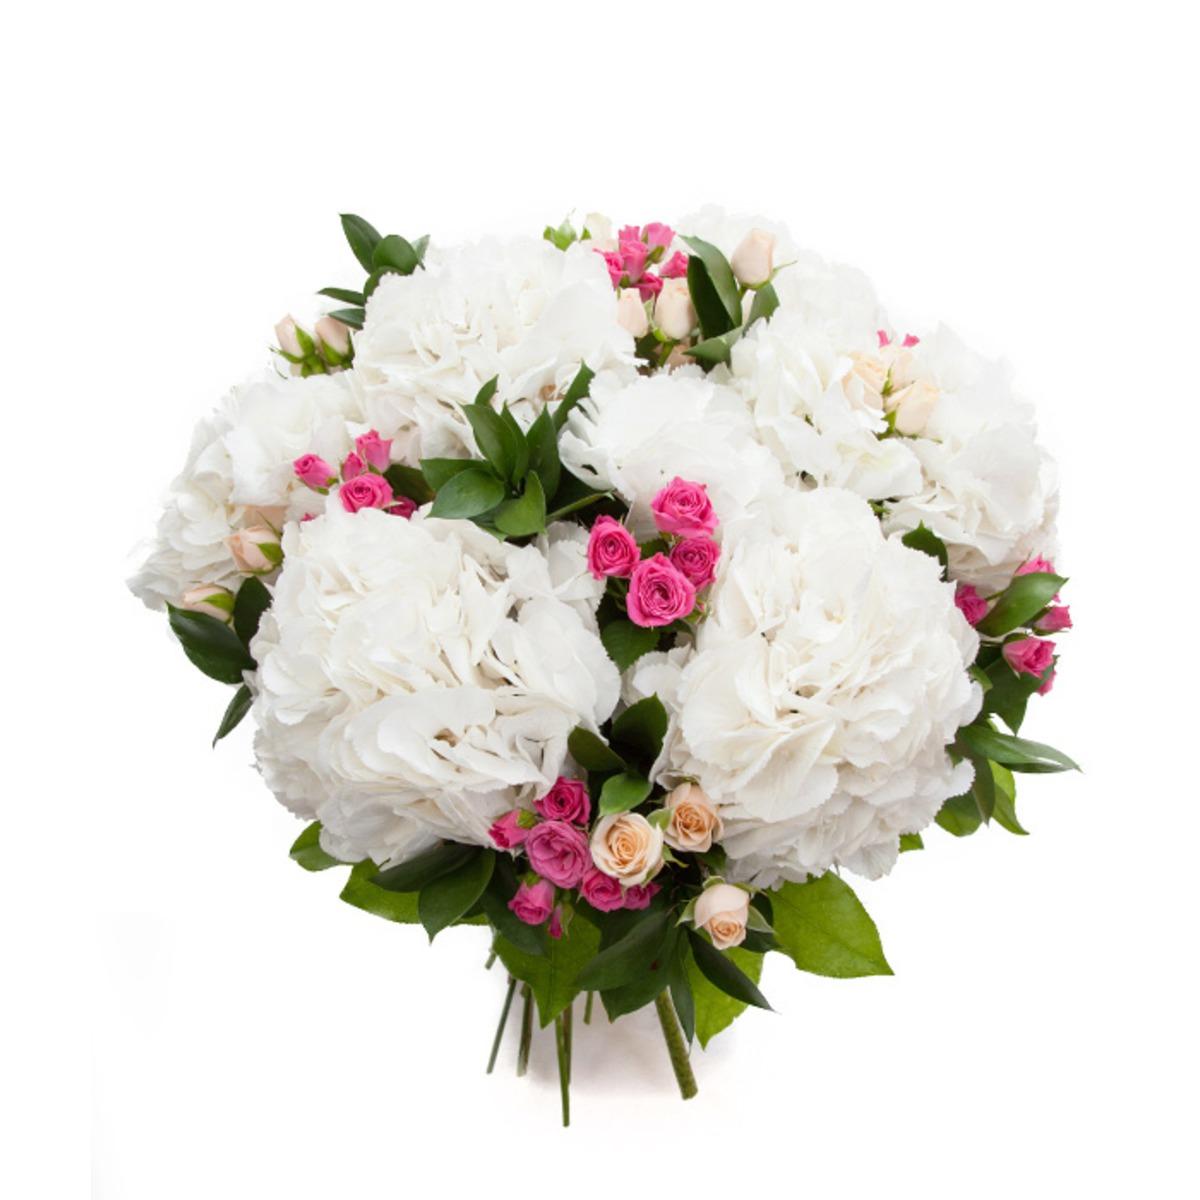 Цветов девушке кустовые розы в букете 5 штук цветы